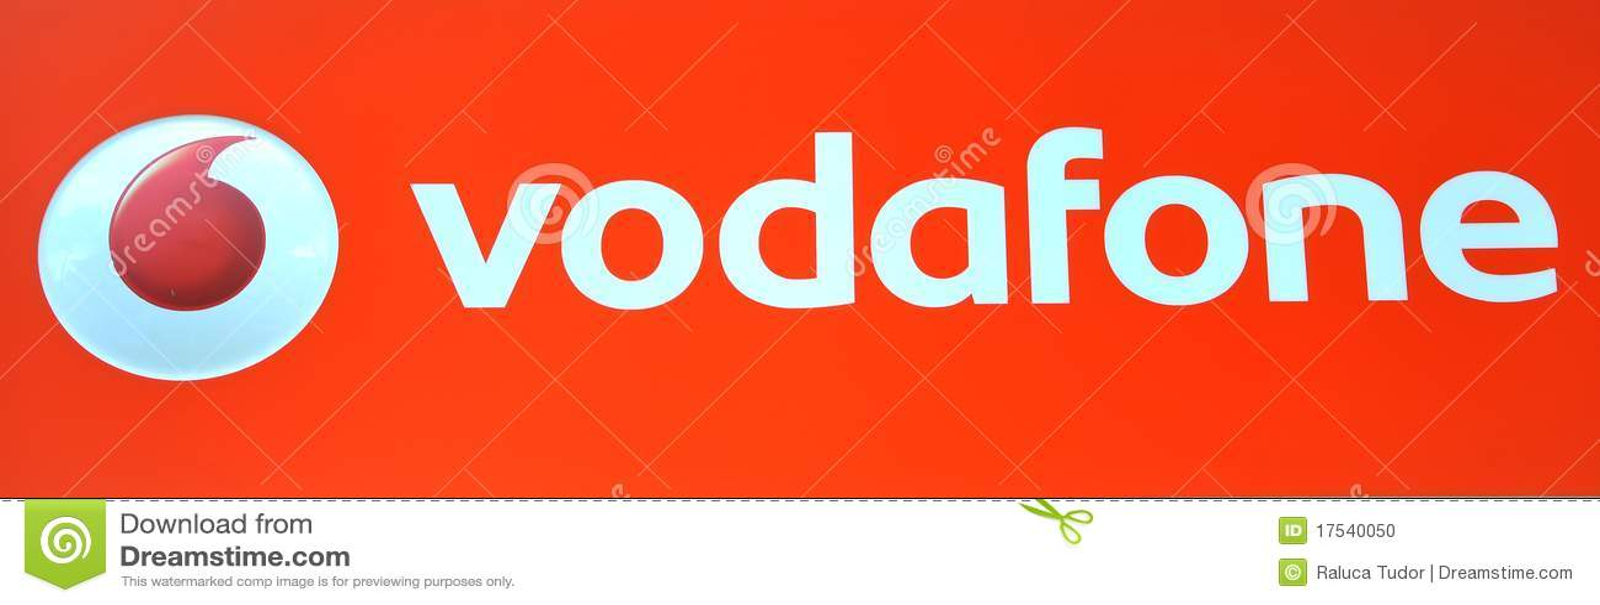 Insignia de Vodafone